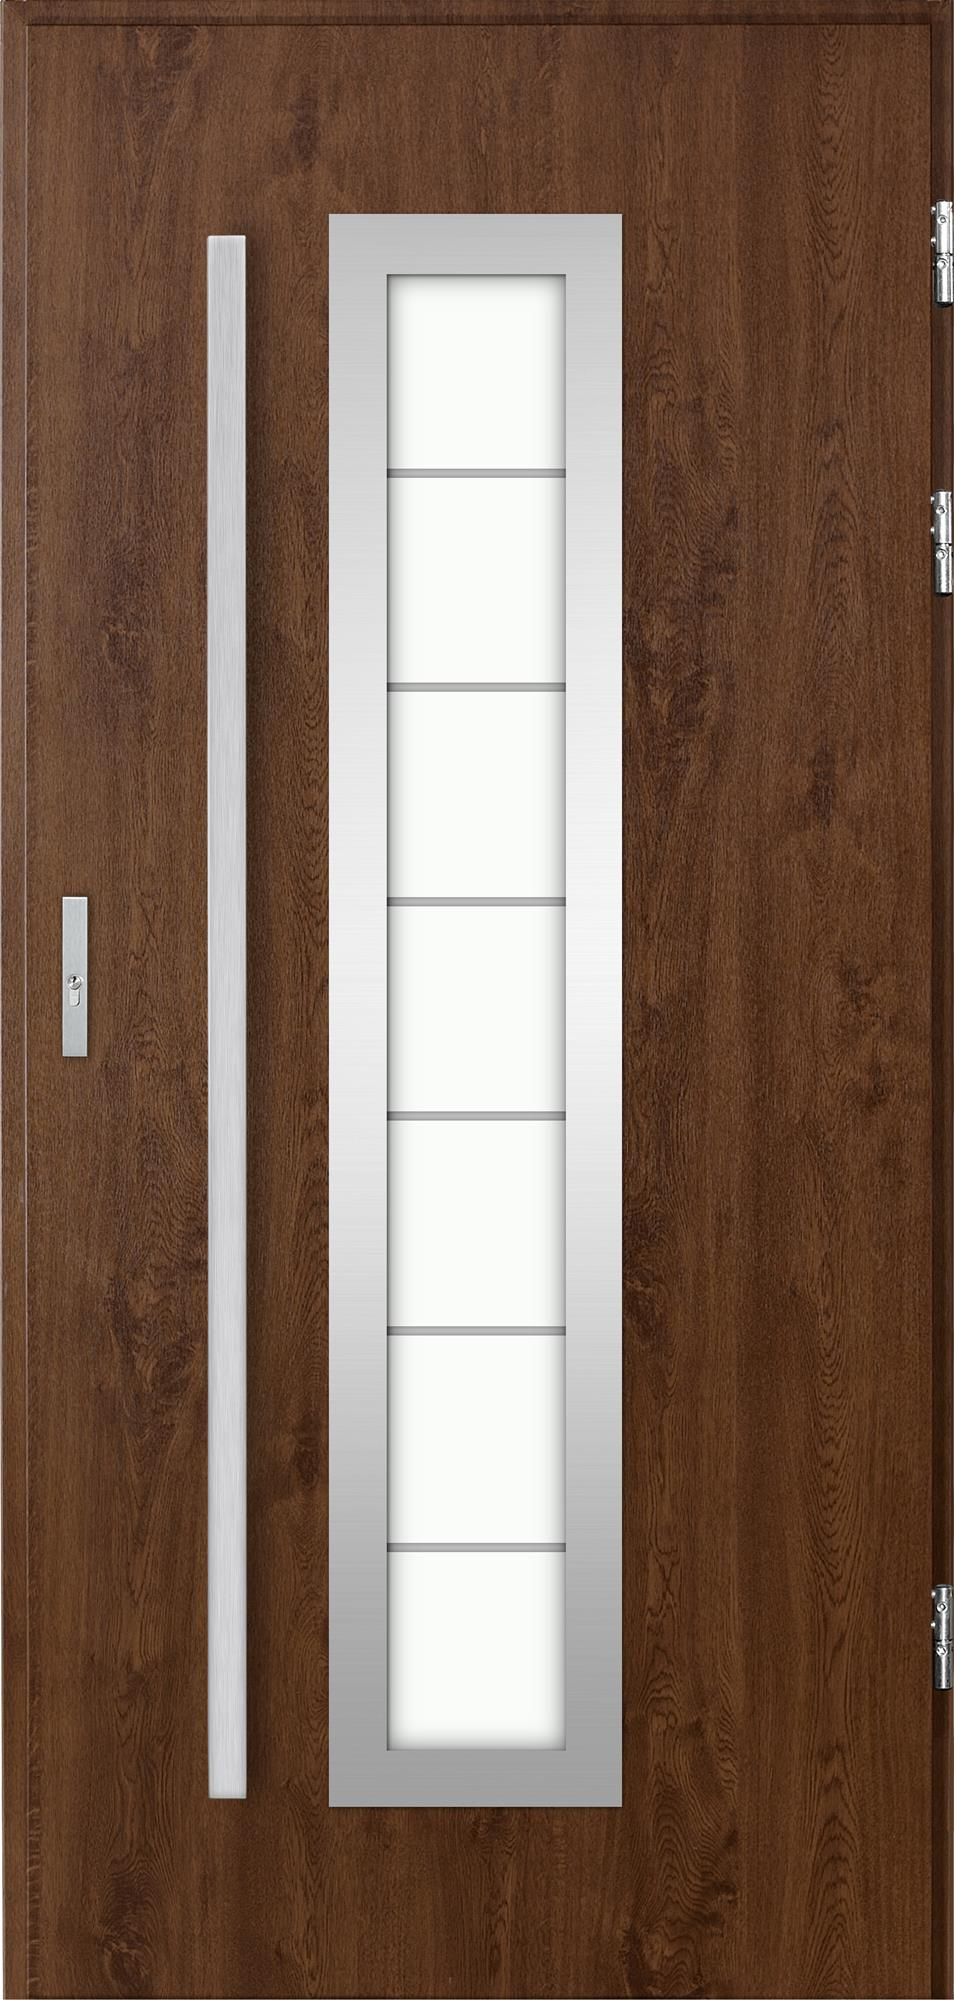 Venkovní vchodové dveøe Hevelio, oøech